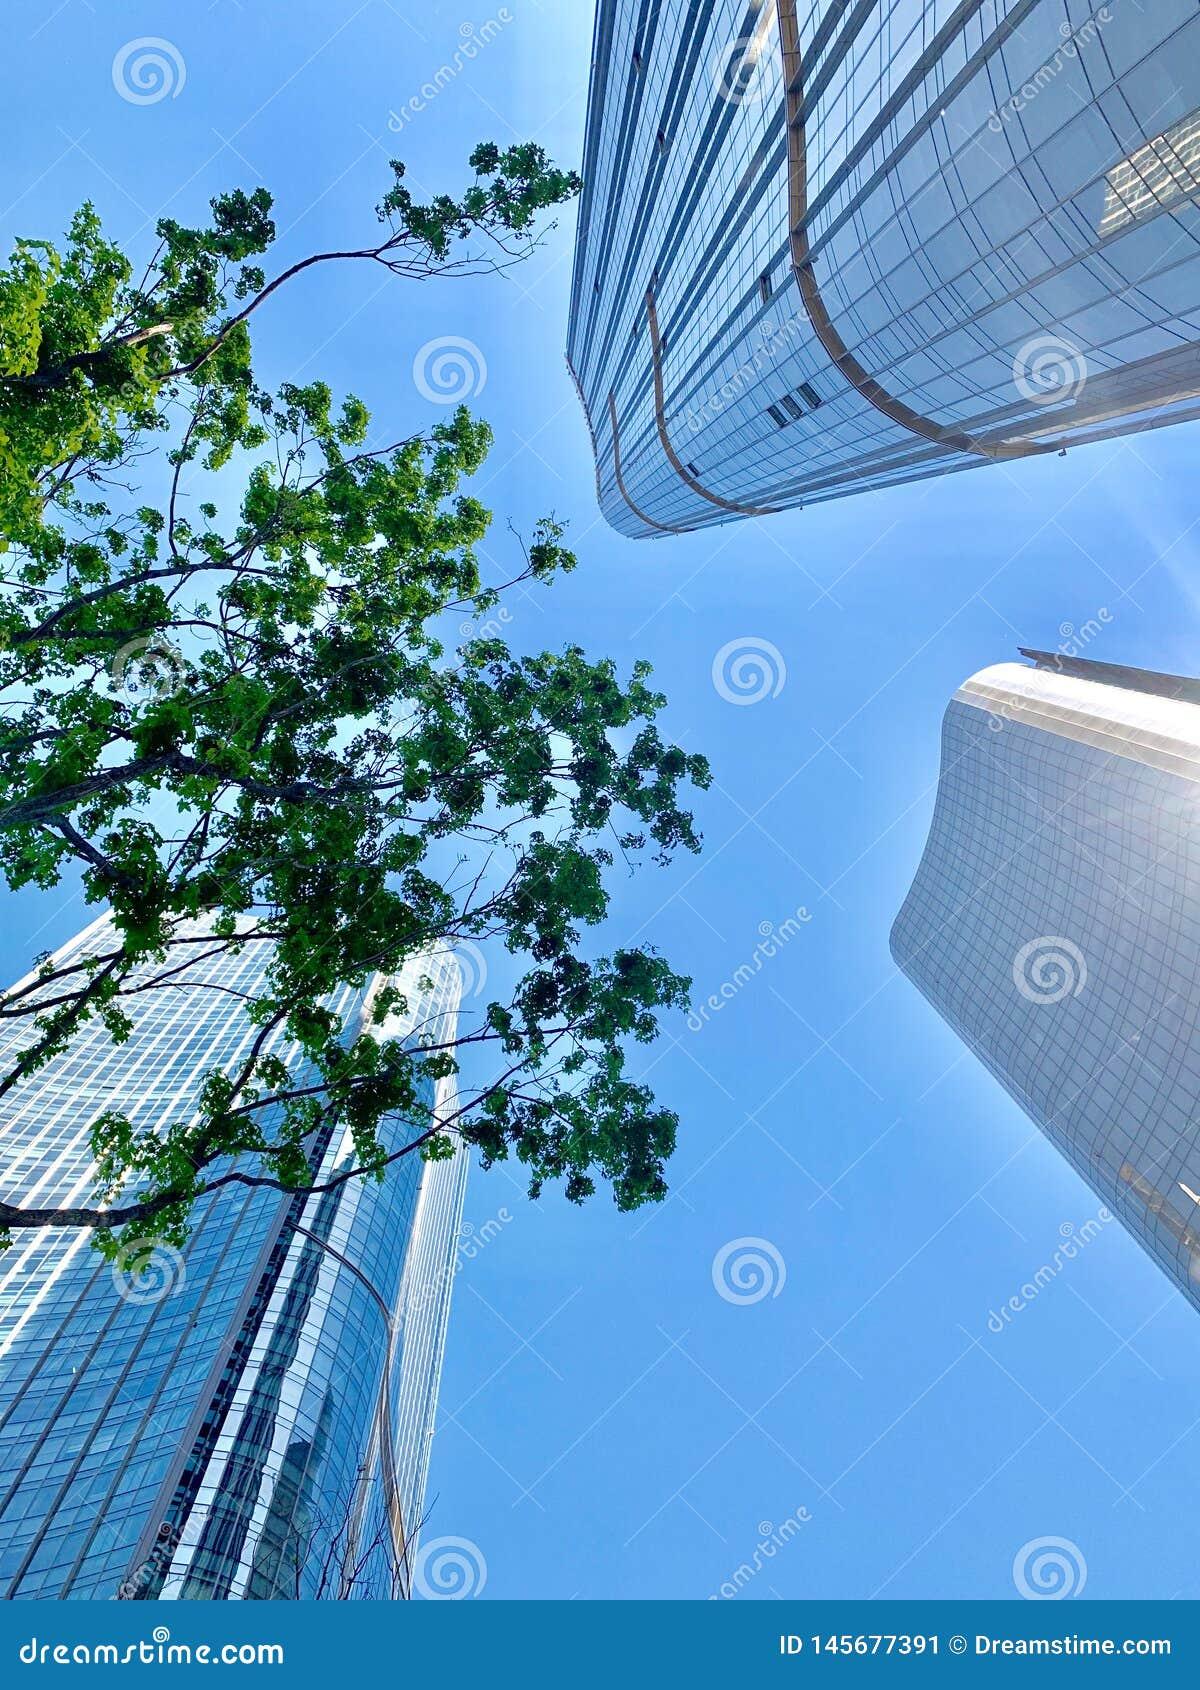 Wangjing, beijing, China, high building,